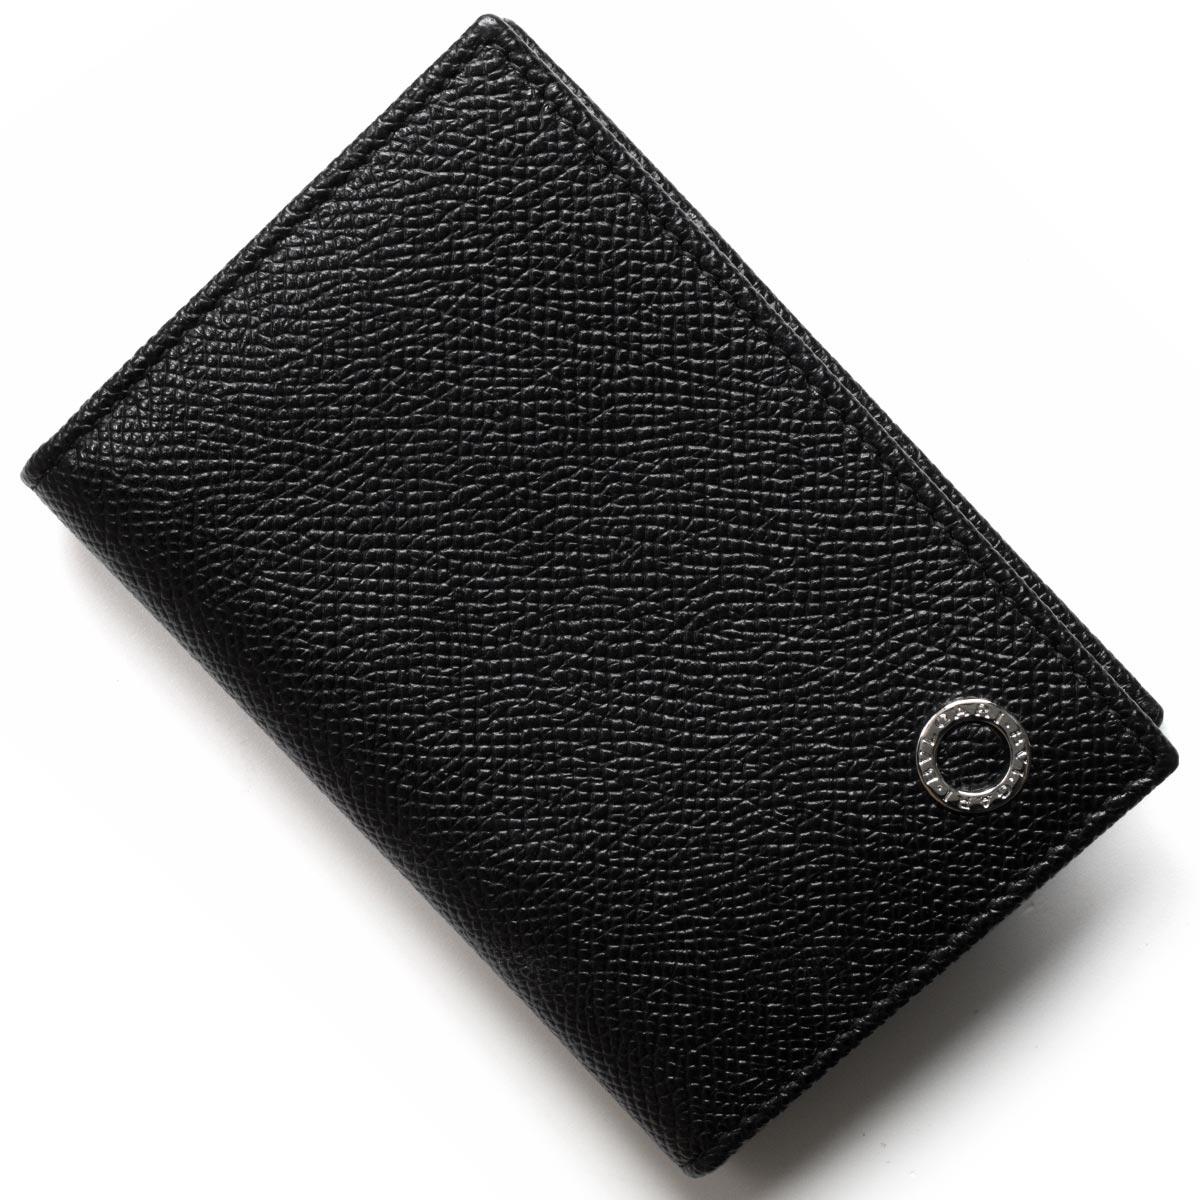 ブルガリ カードケース/クレジットカードケース メンズ ブルガリブルガリ マン ブラック 280292 BVLGARI